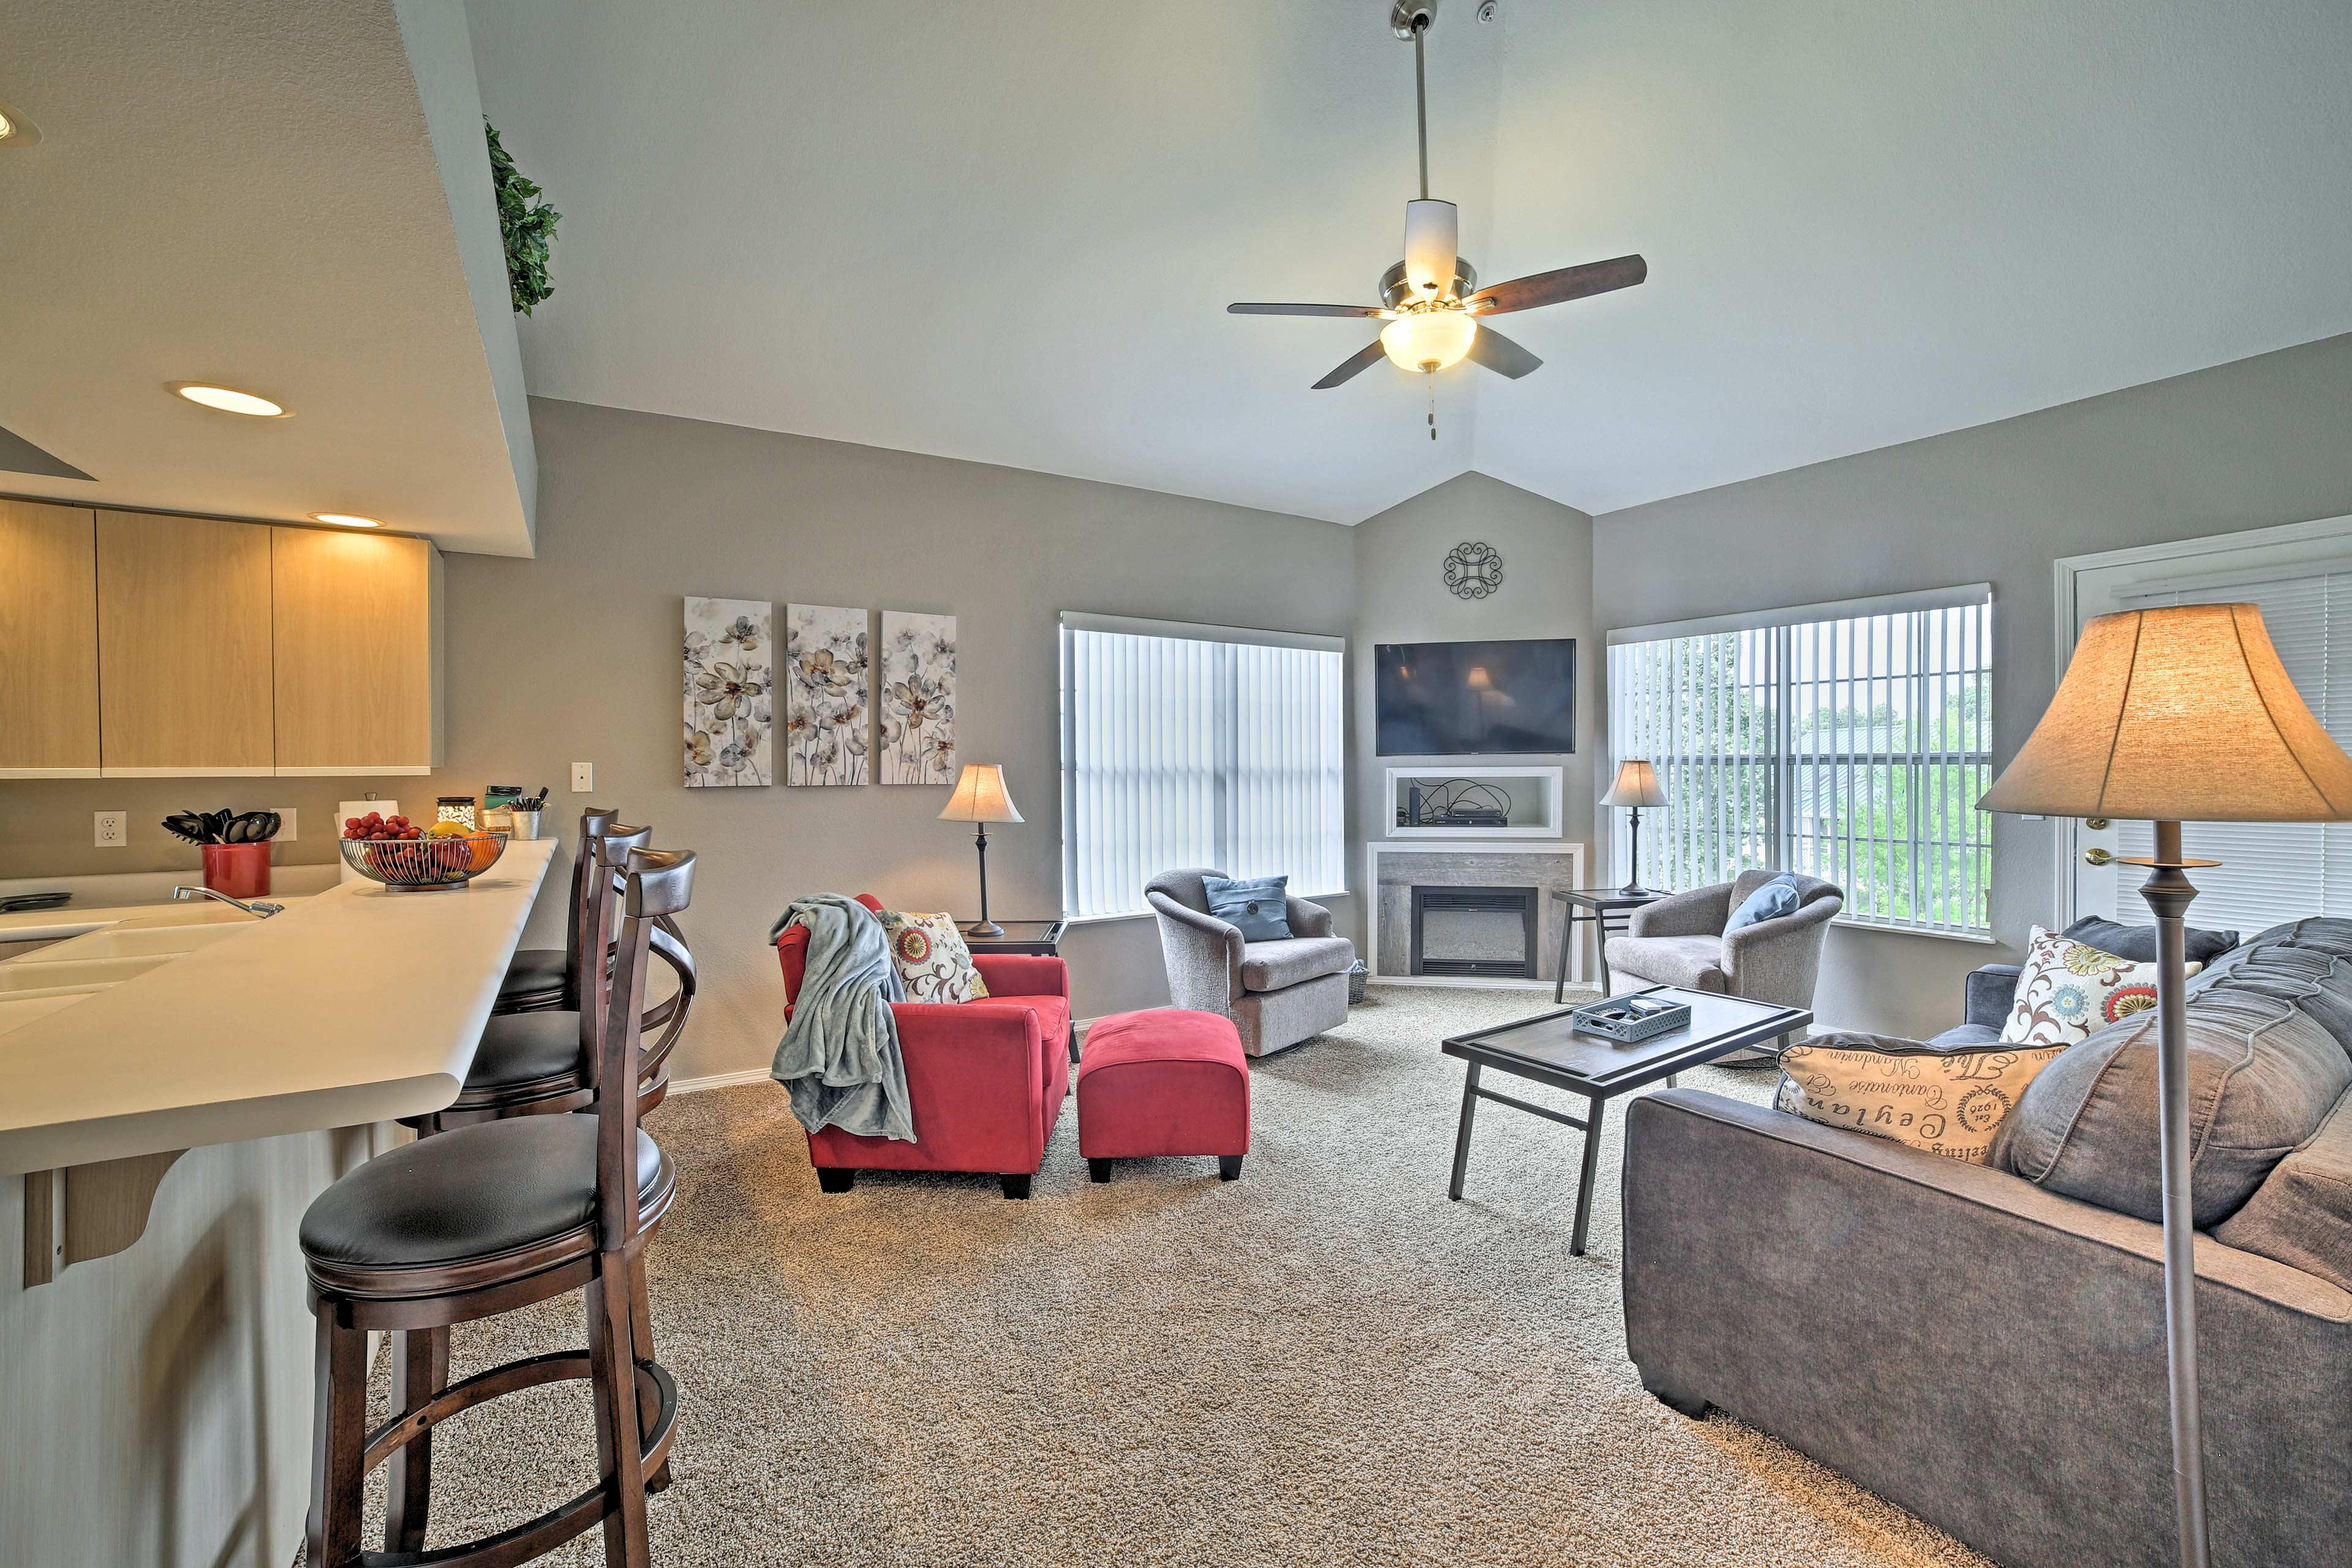 Unwind in this 3-bedroom, 3-bathroom vacation rental condo in Branson.